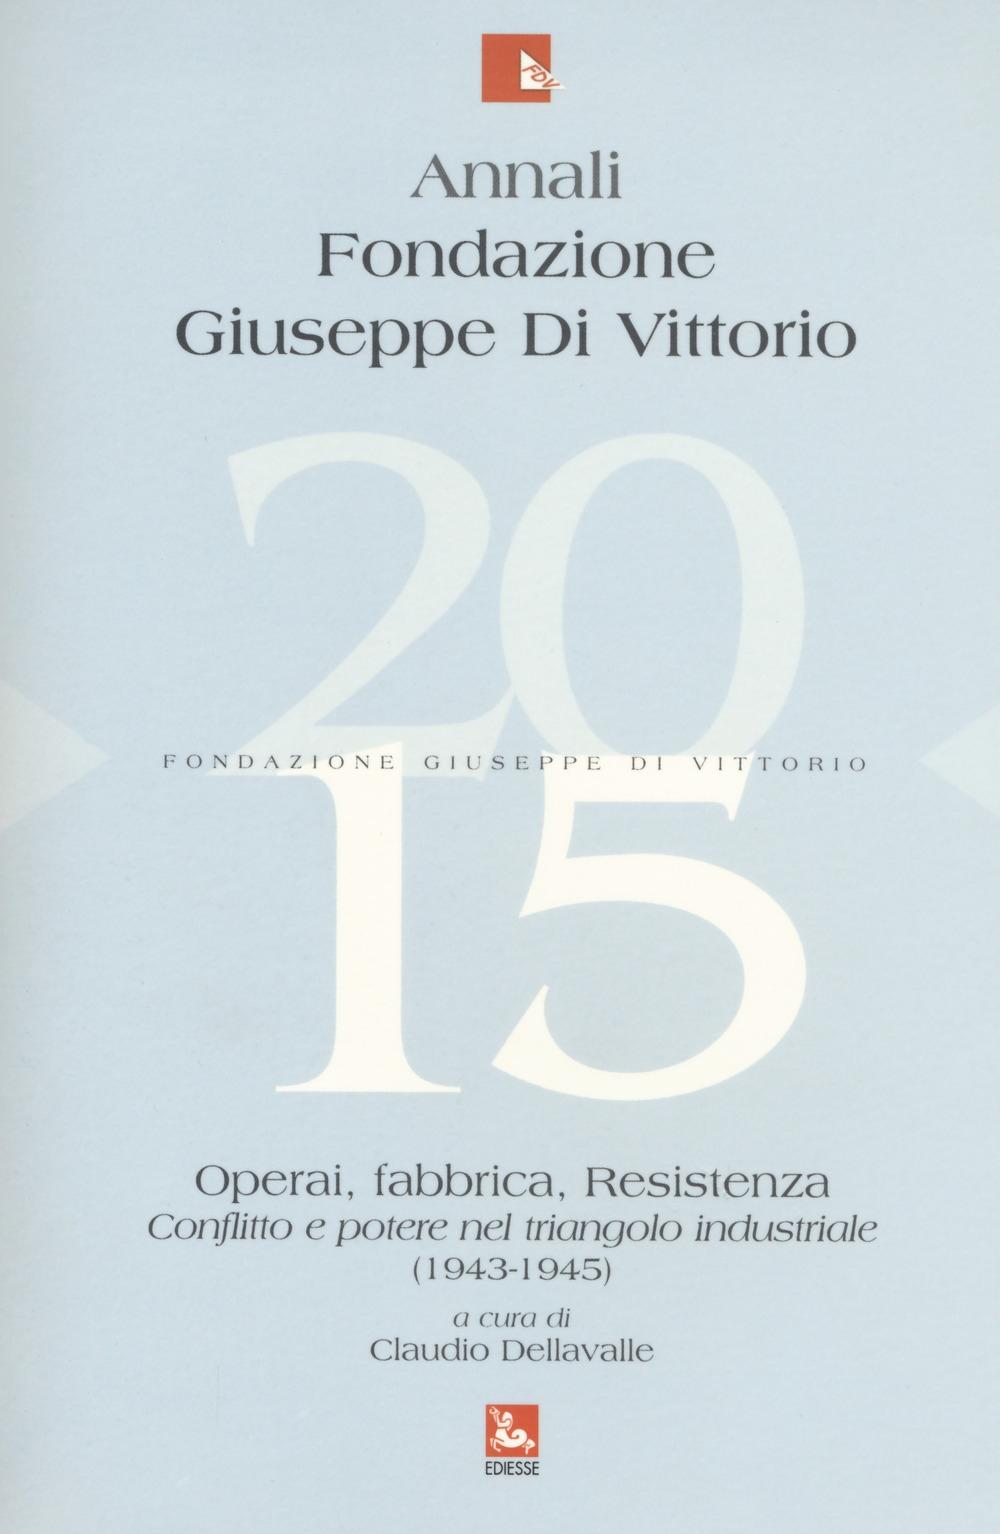 Annali Fondazione Giuseppe Di Vittorio (2015). Vol. 15: Operai, fabbrica, Resistenza. Conflitto e potere nel triangolo industriale (1943-1945)